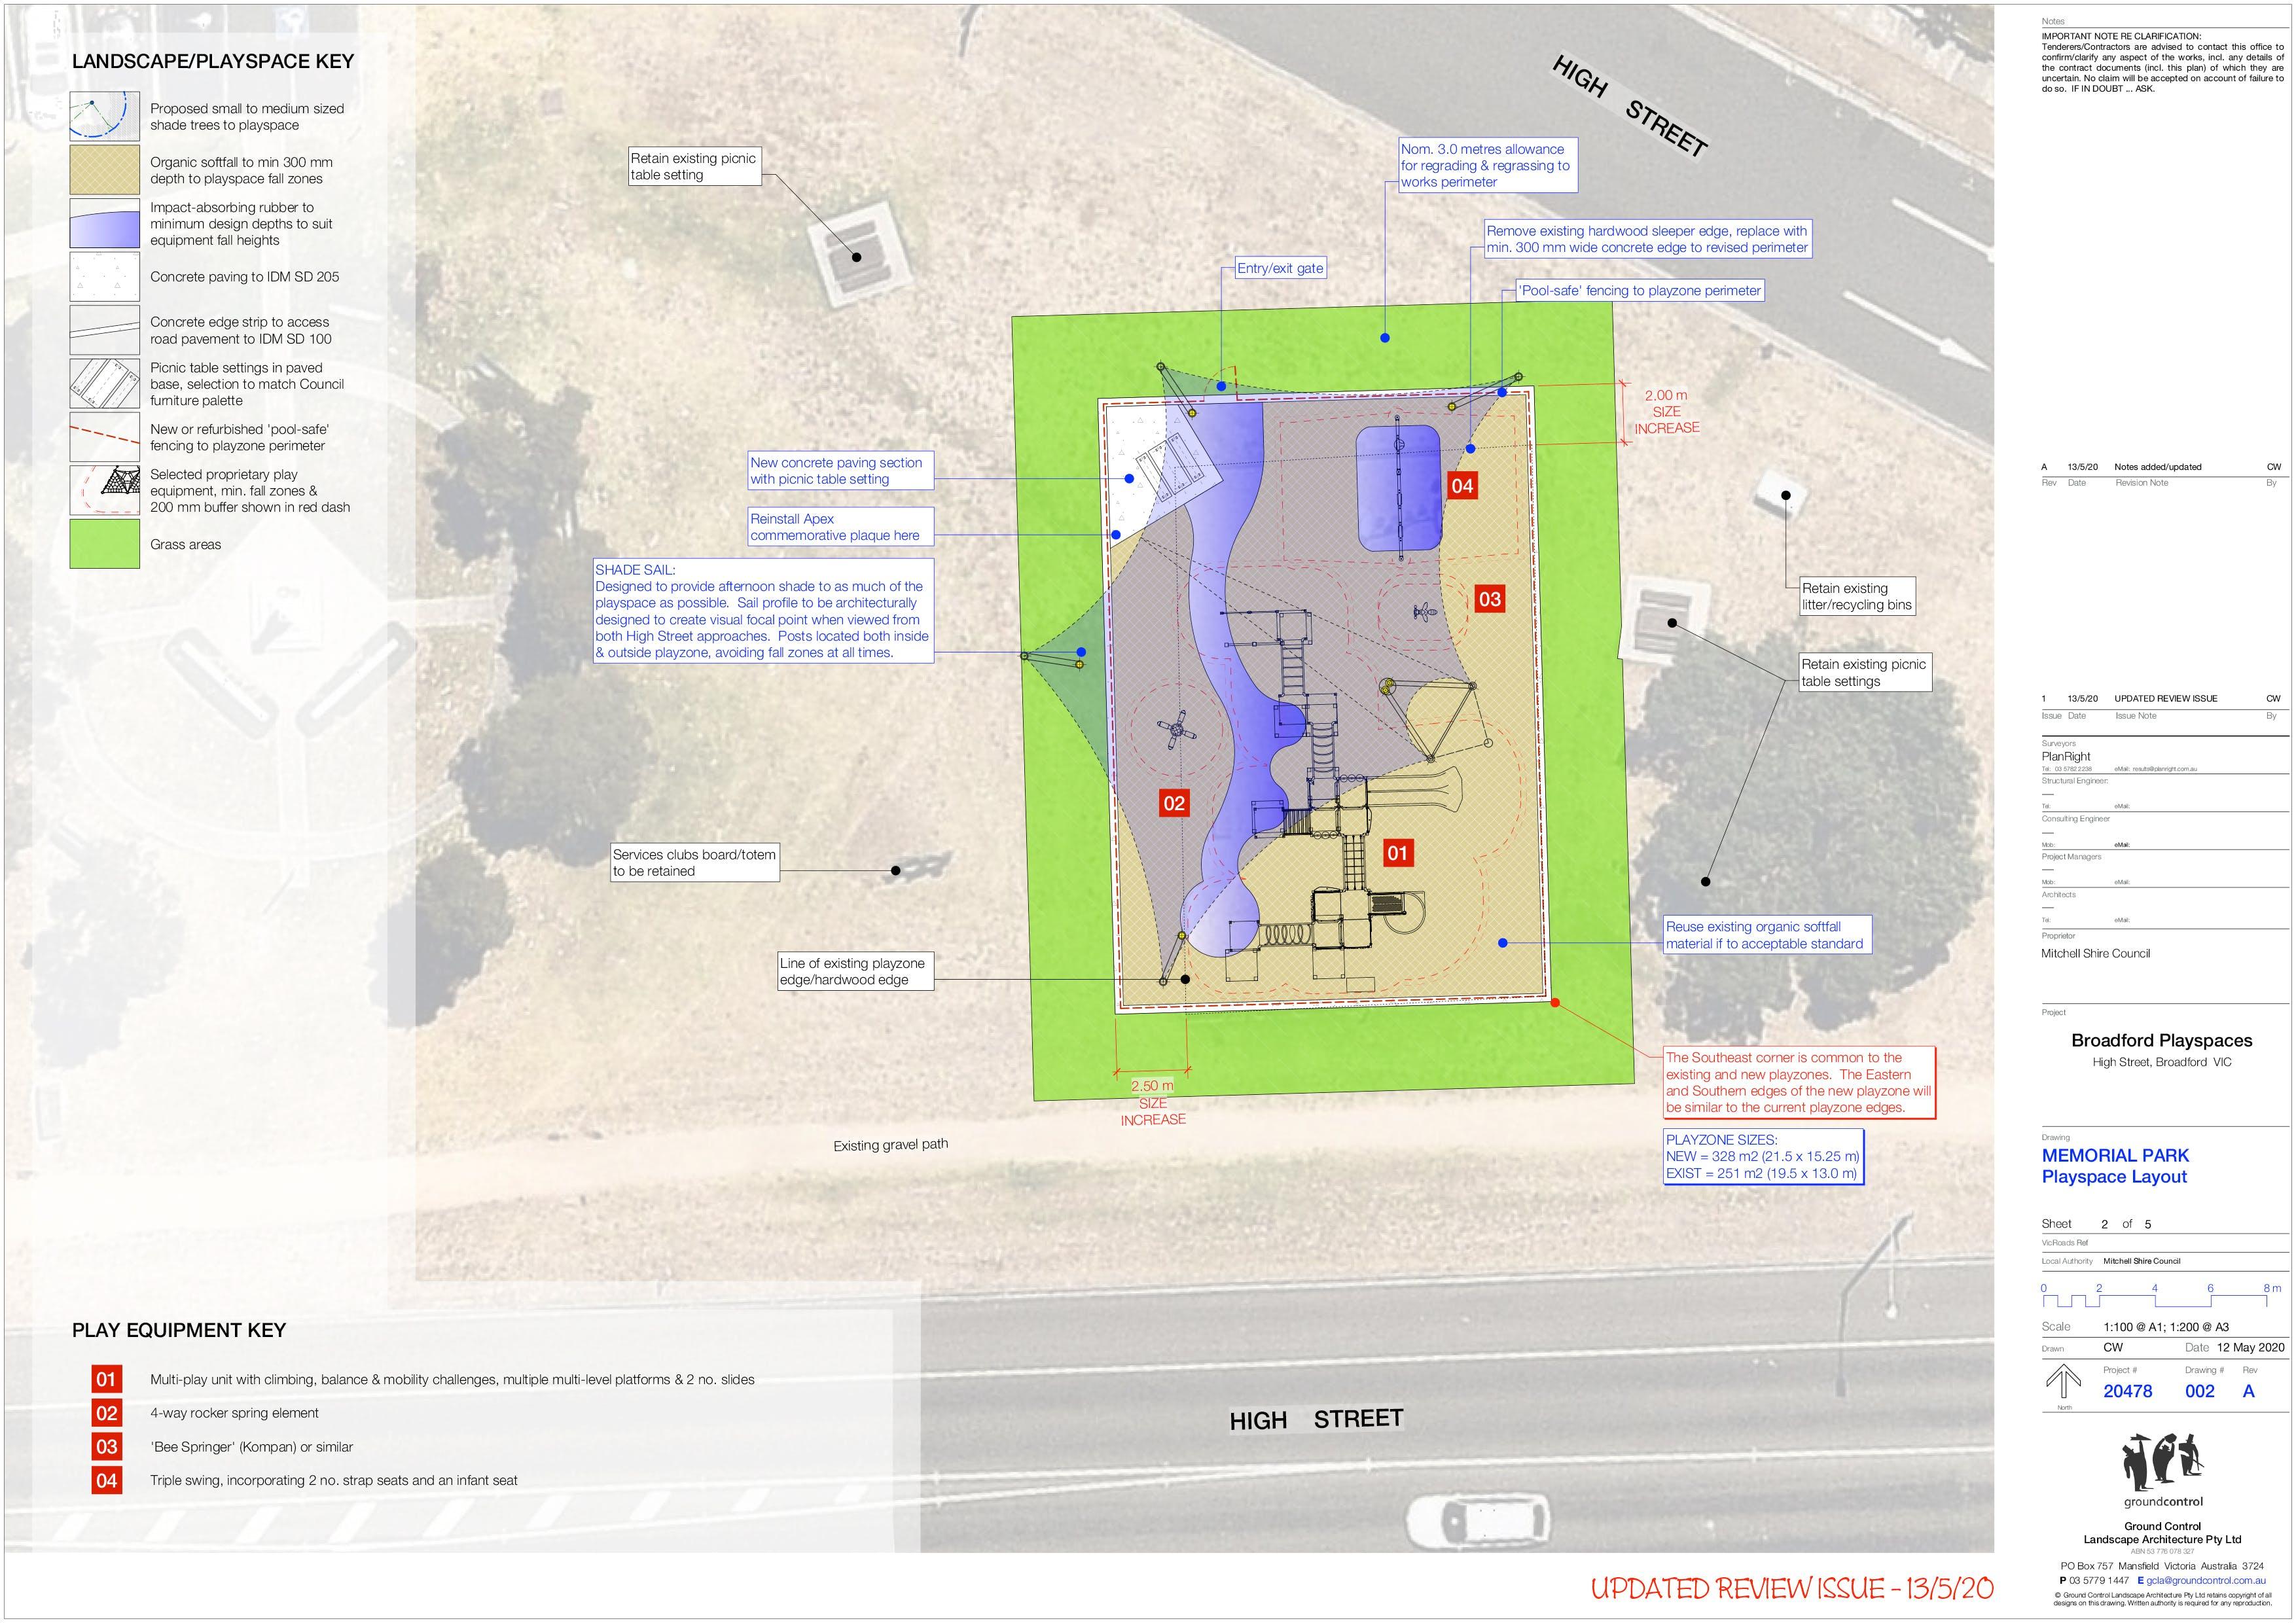 002-Memorial-park-playspace-layout.jpg